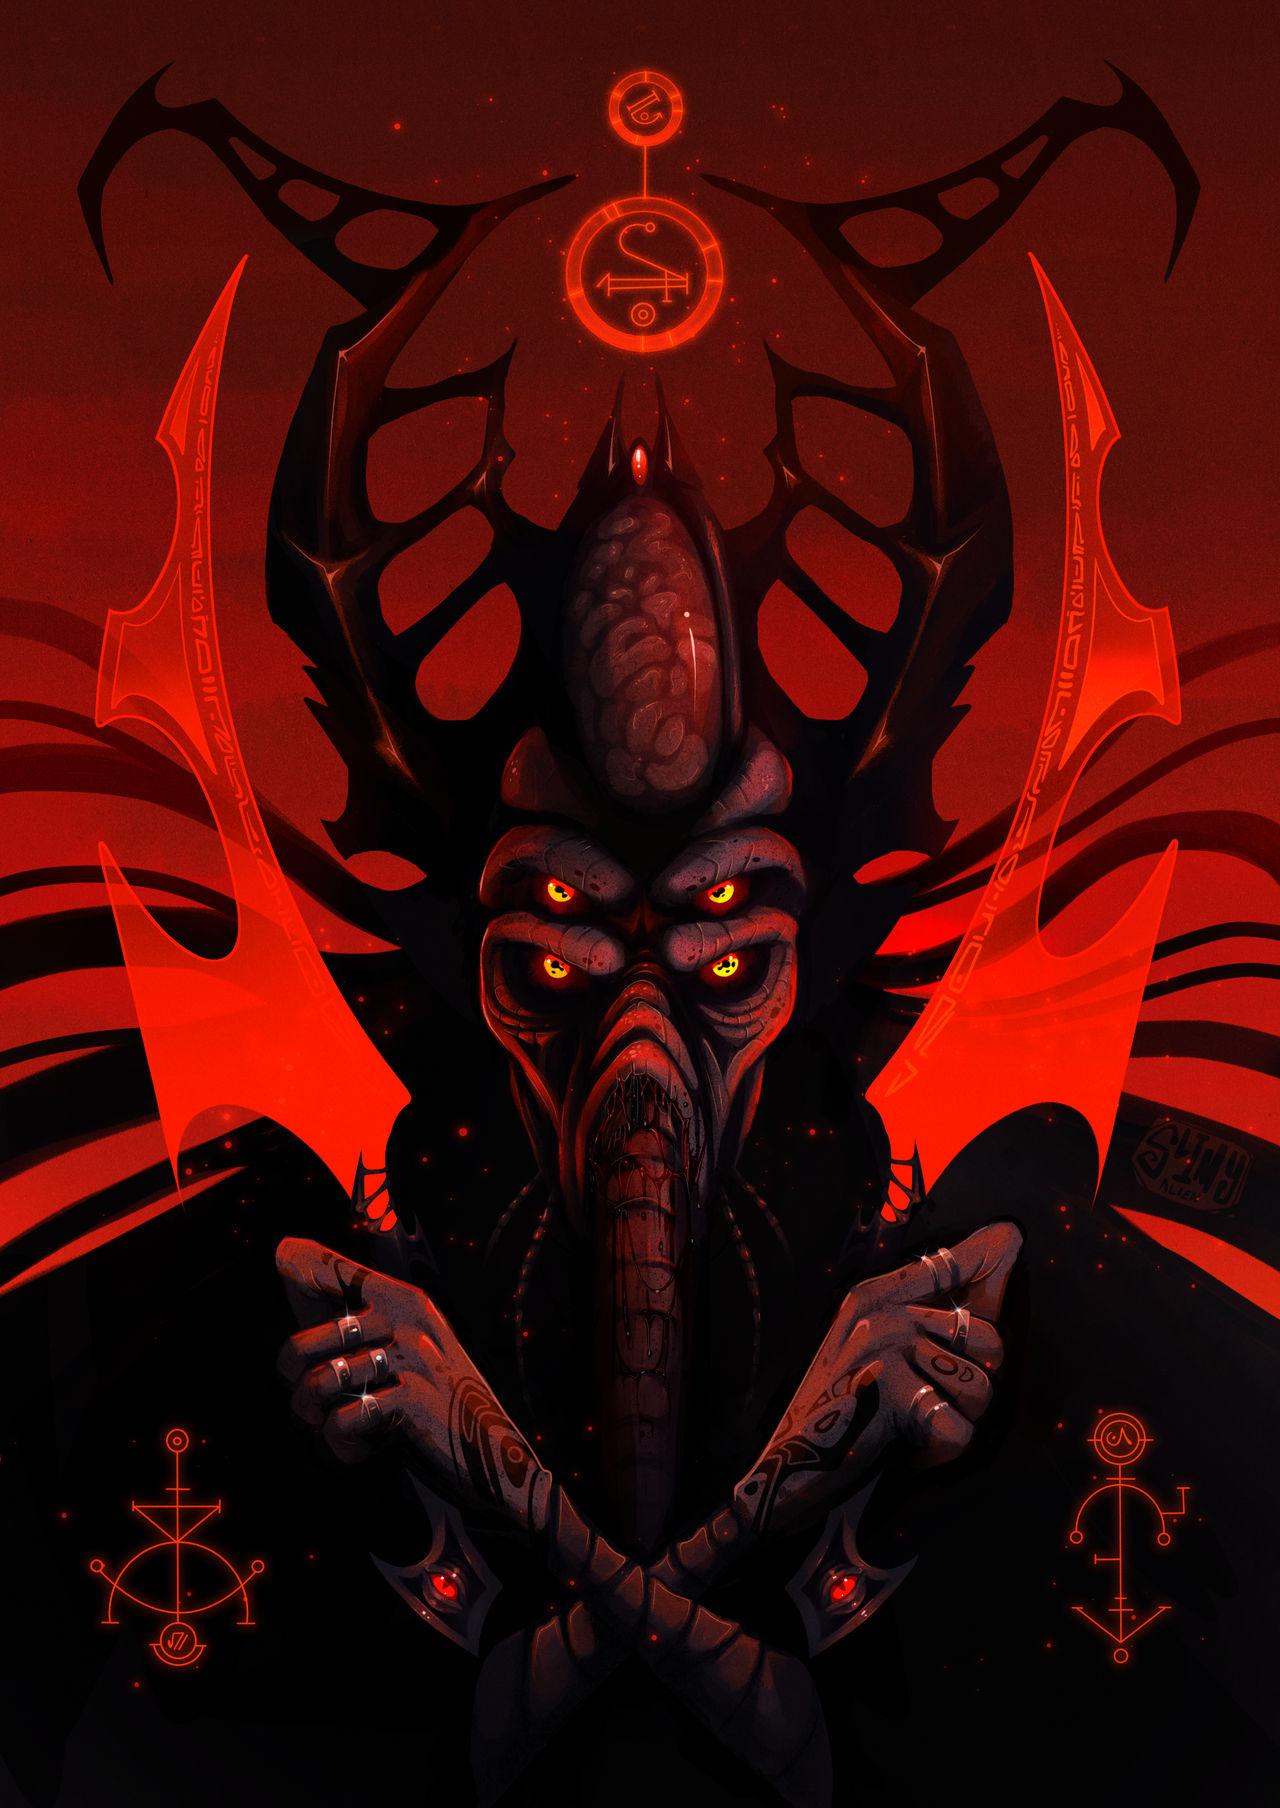 Heth-tah: High Priest